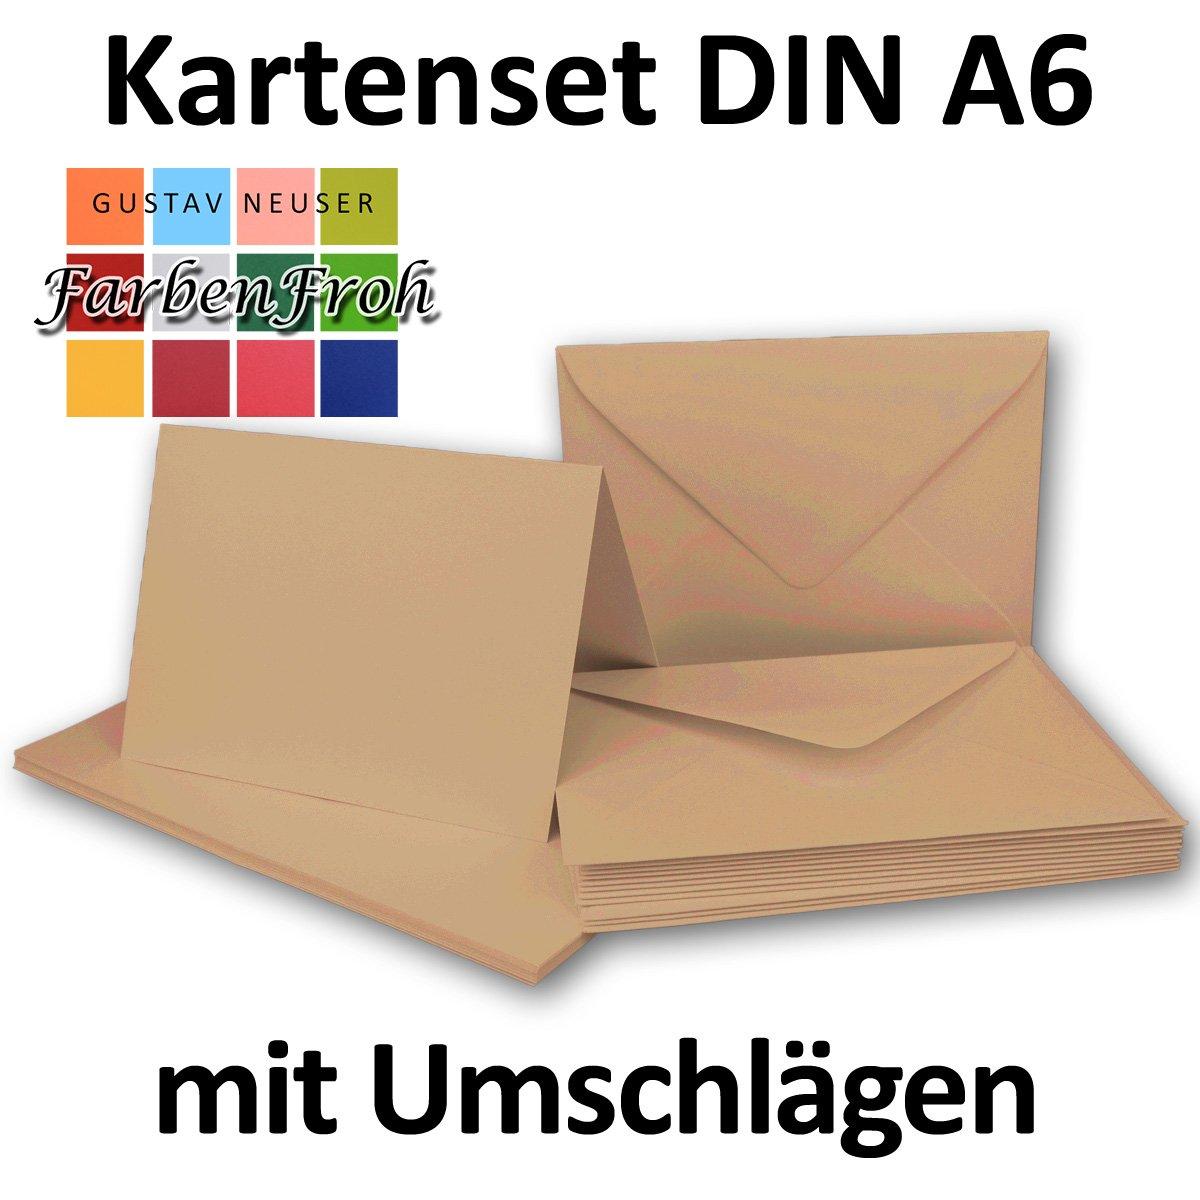 Faltkarten Set mit Brief-Umschlägen DIN DIN DIN A6   C6 in Rosanrot   100 Sets   14,8 x 10,5 cm   Premium Qualität   Serie FarbenFroh® B076H2YST8   Hohe Qualität Und Geringen Overhead  9e1f31